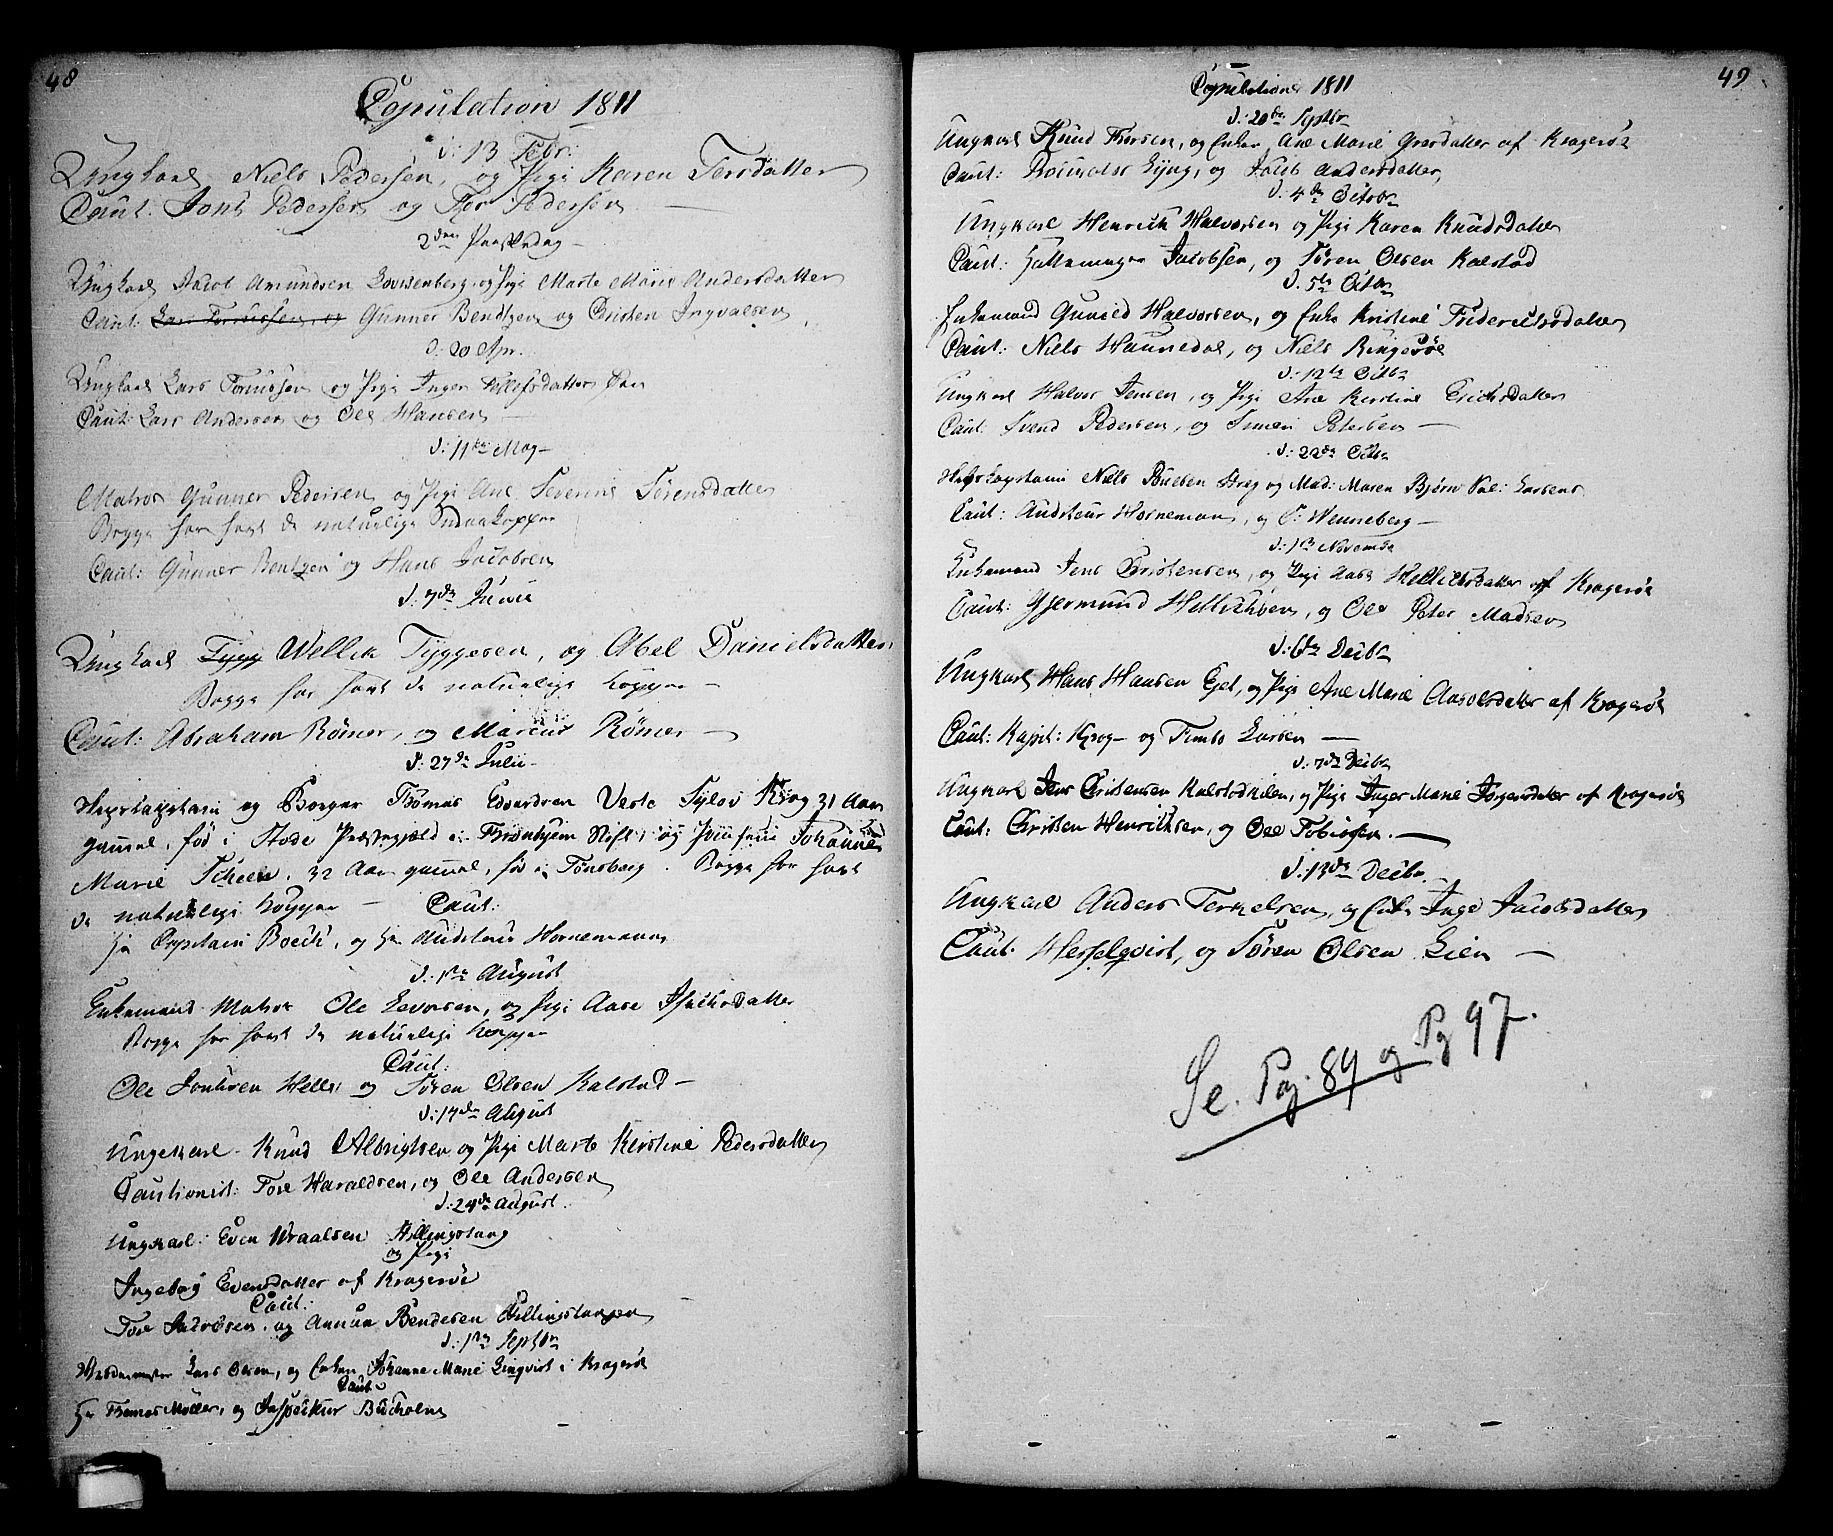 SAKO, Kragerø kirkebøker, G/Ga/L0001: Klokkerbok nr. 1 /1, 1806-1811, s. 48-49